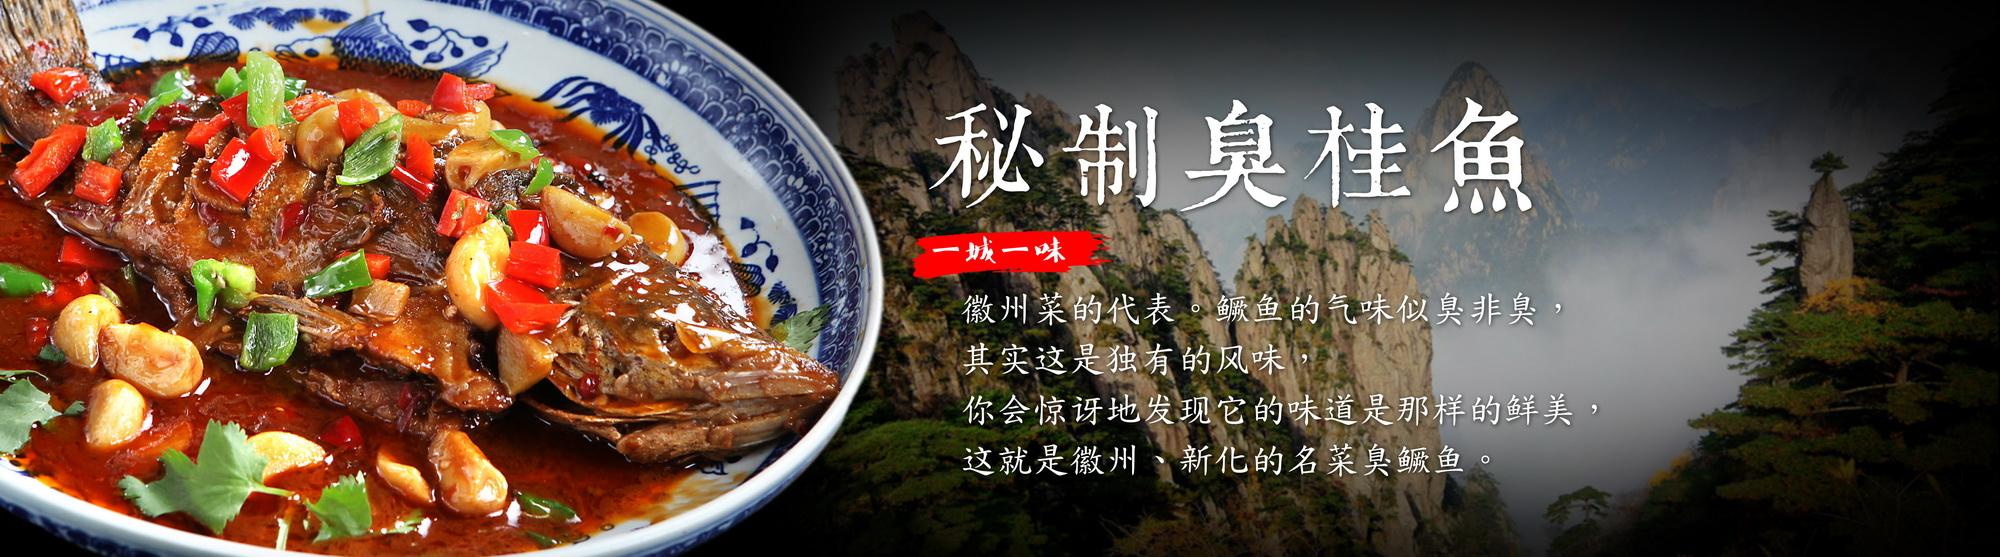 酒店餐饮灯片明档美食菜谱简介海报菜品v简介海蜇皮可以炒着吃吗图片